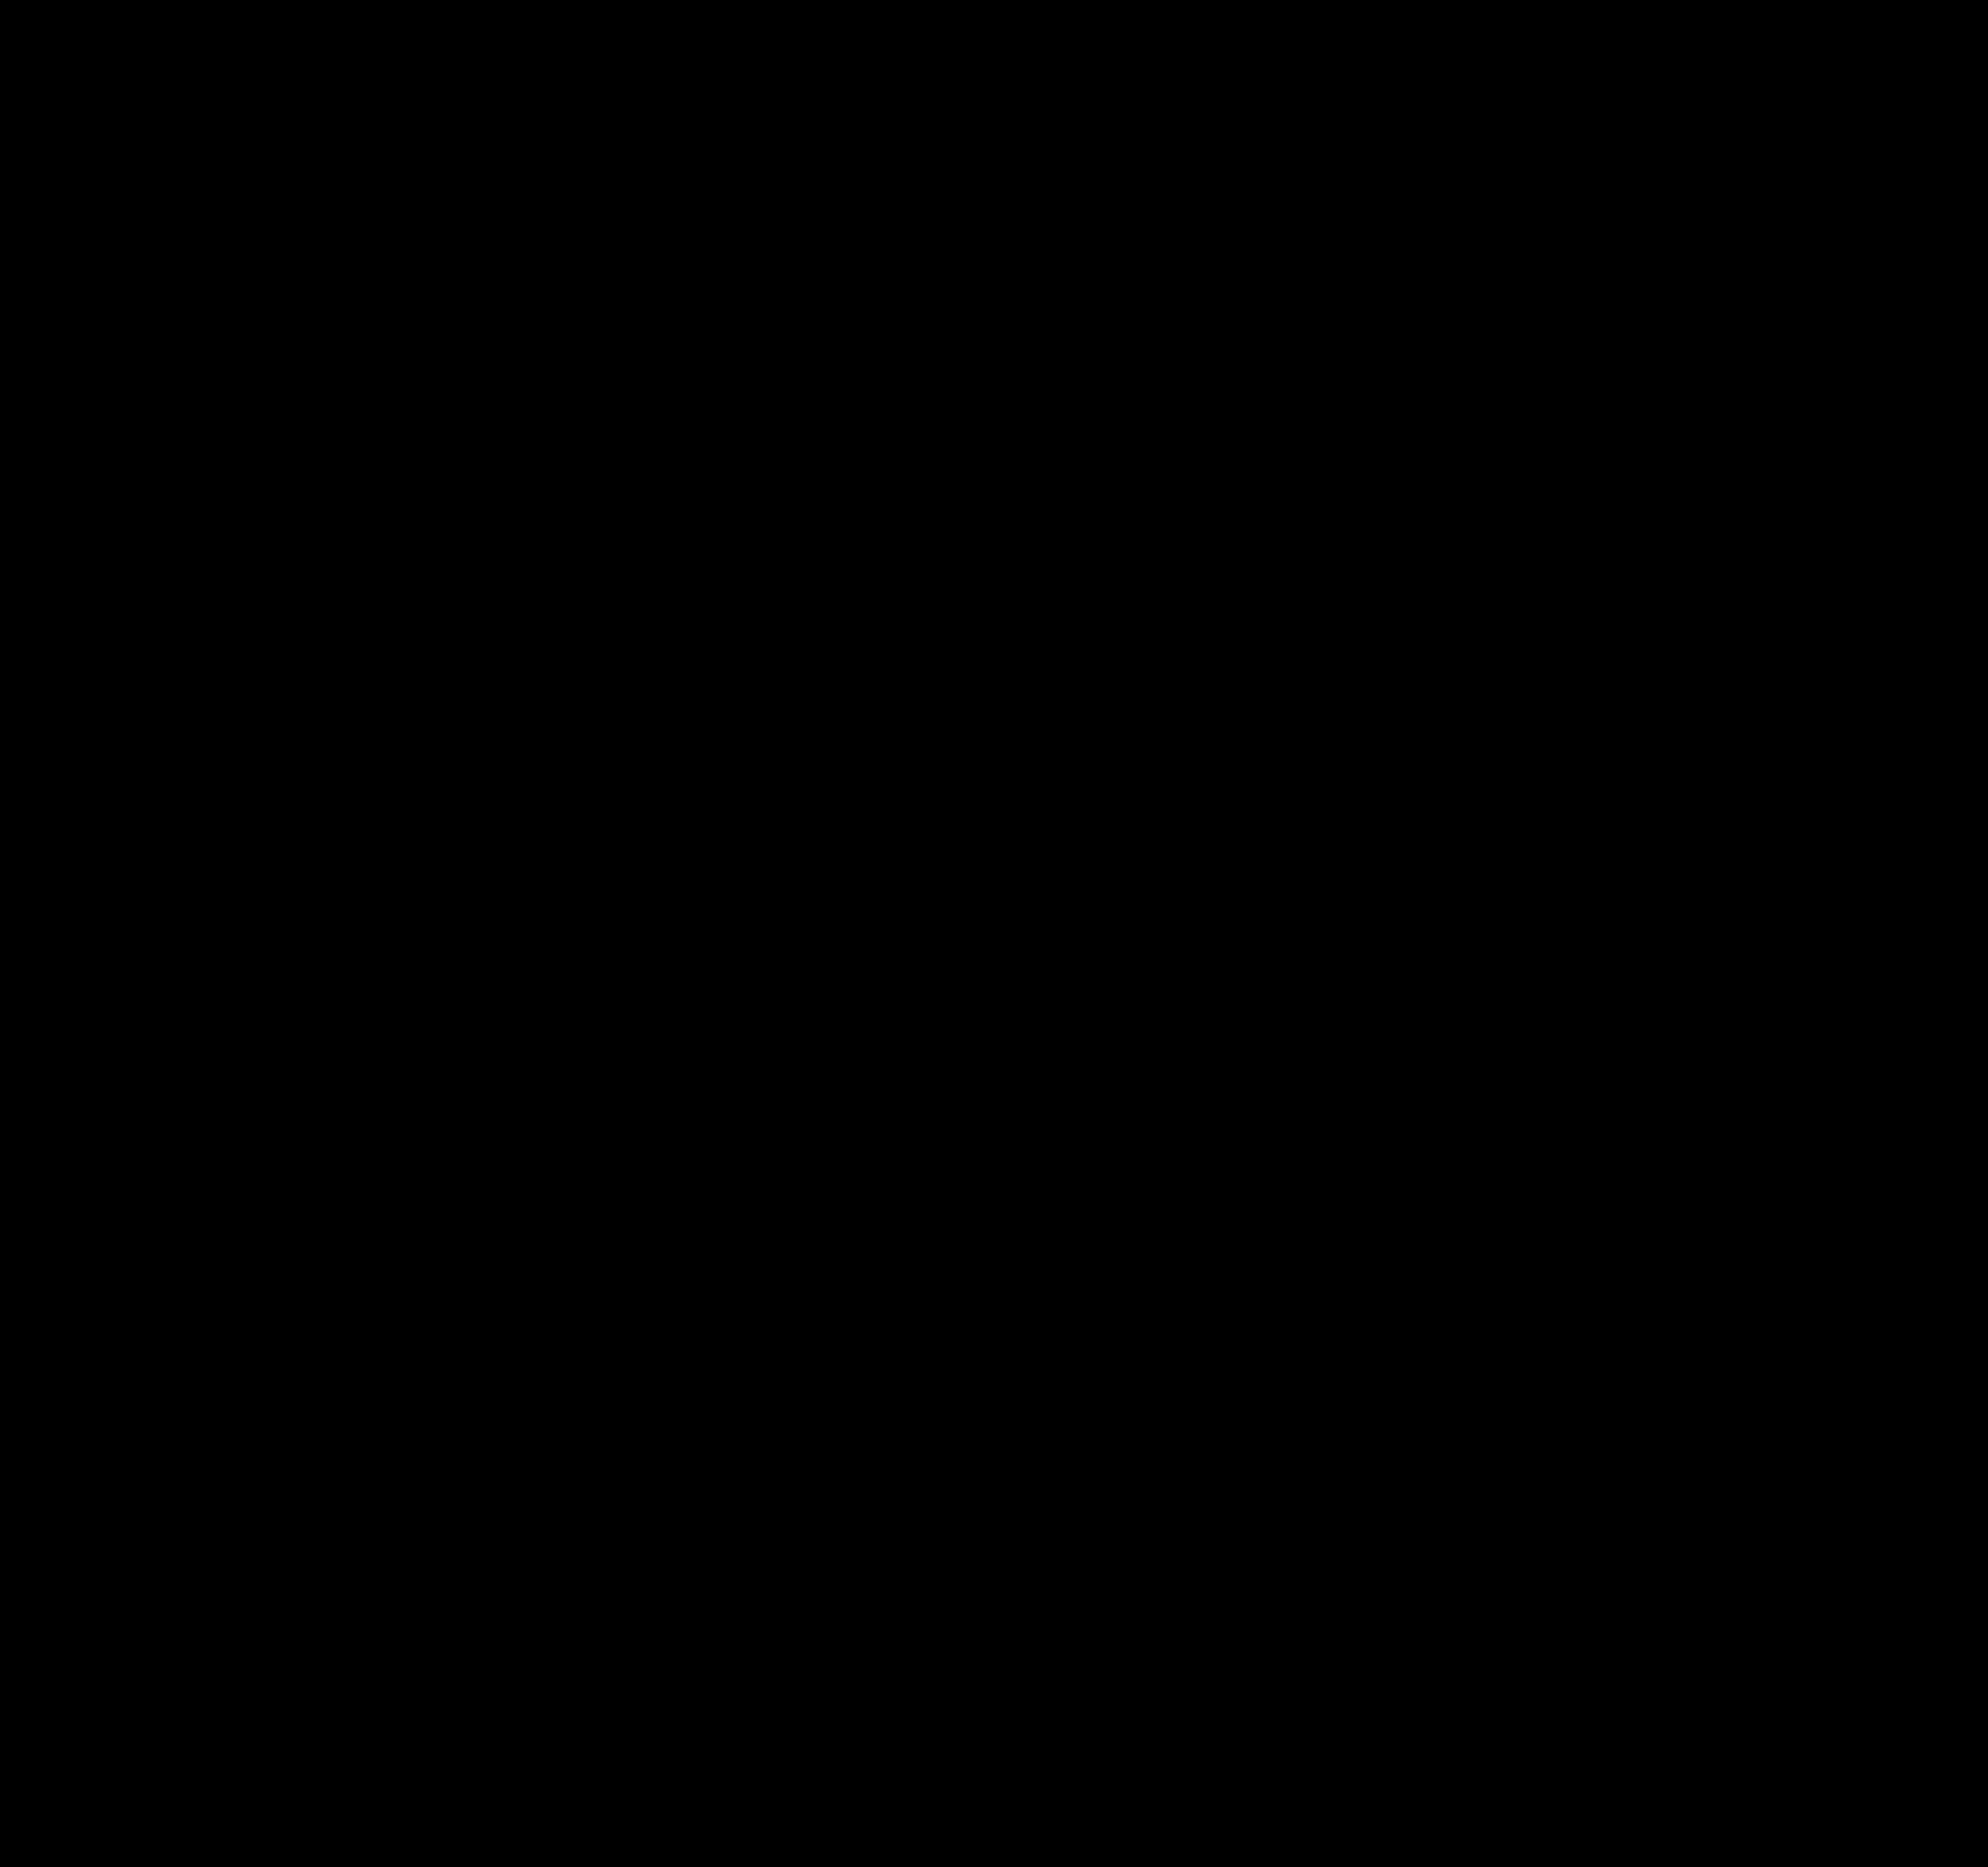 Clipart unicorn silhouette 7